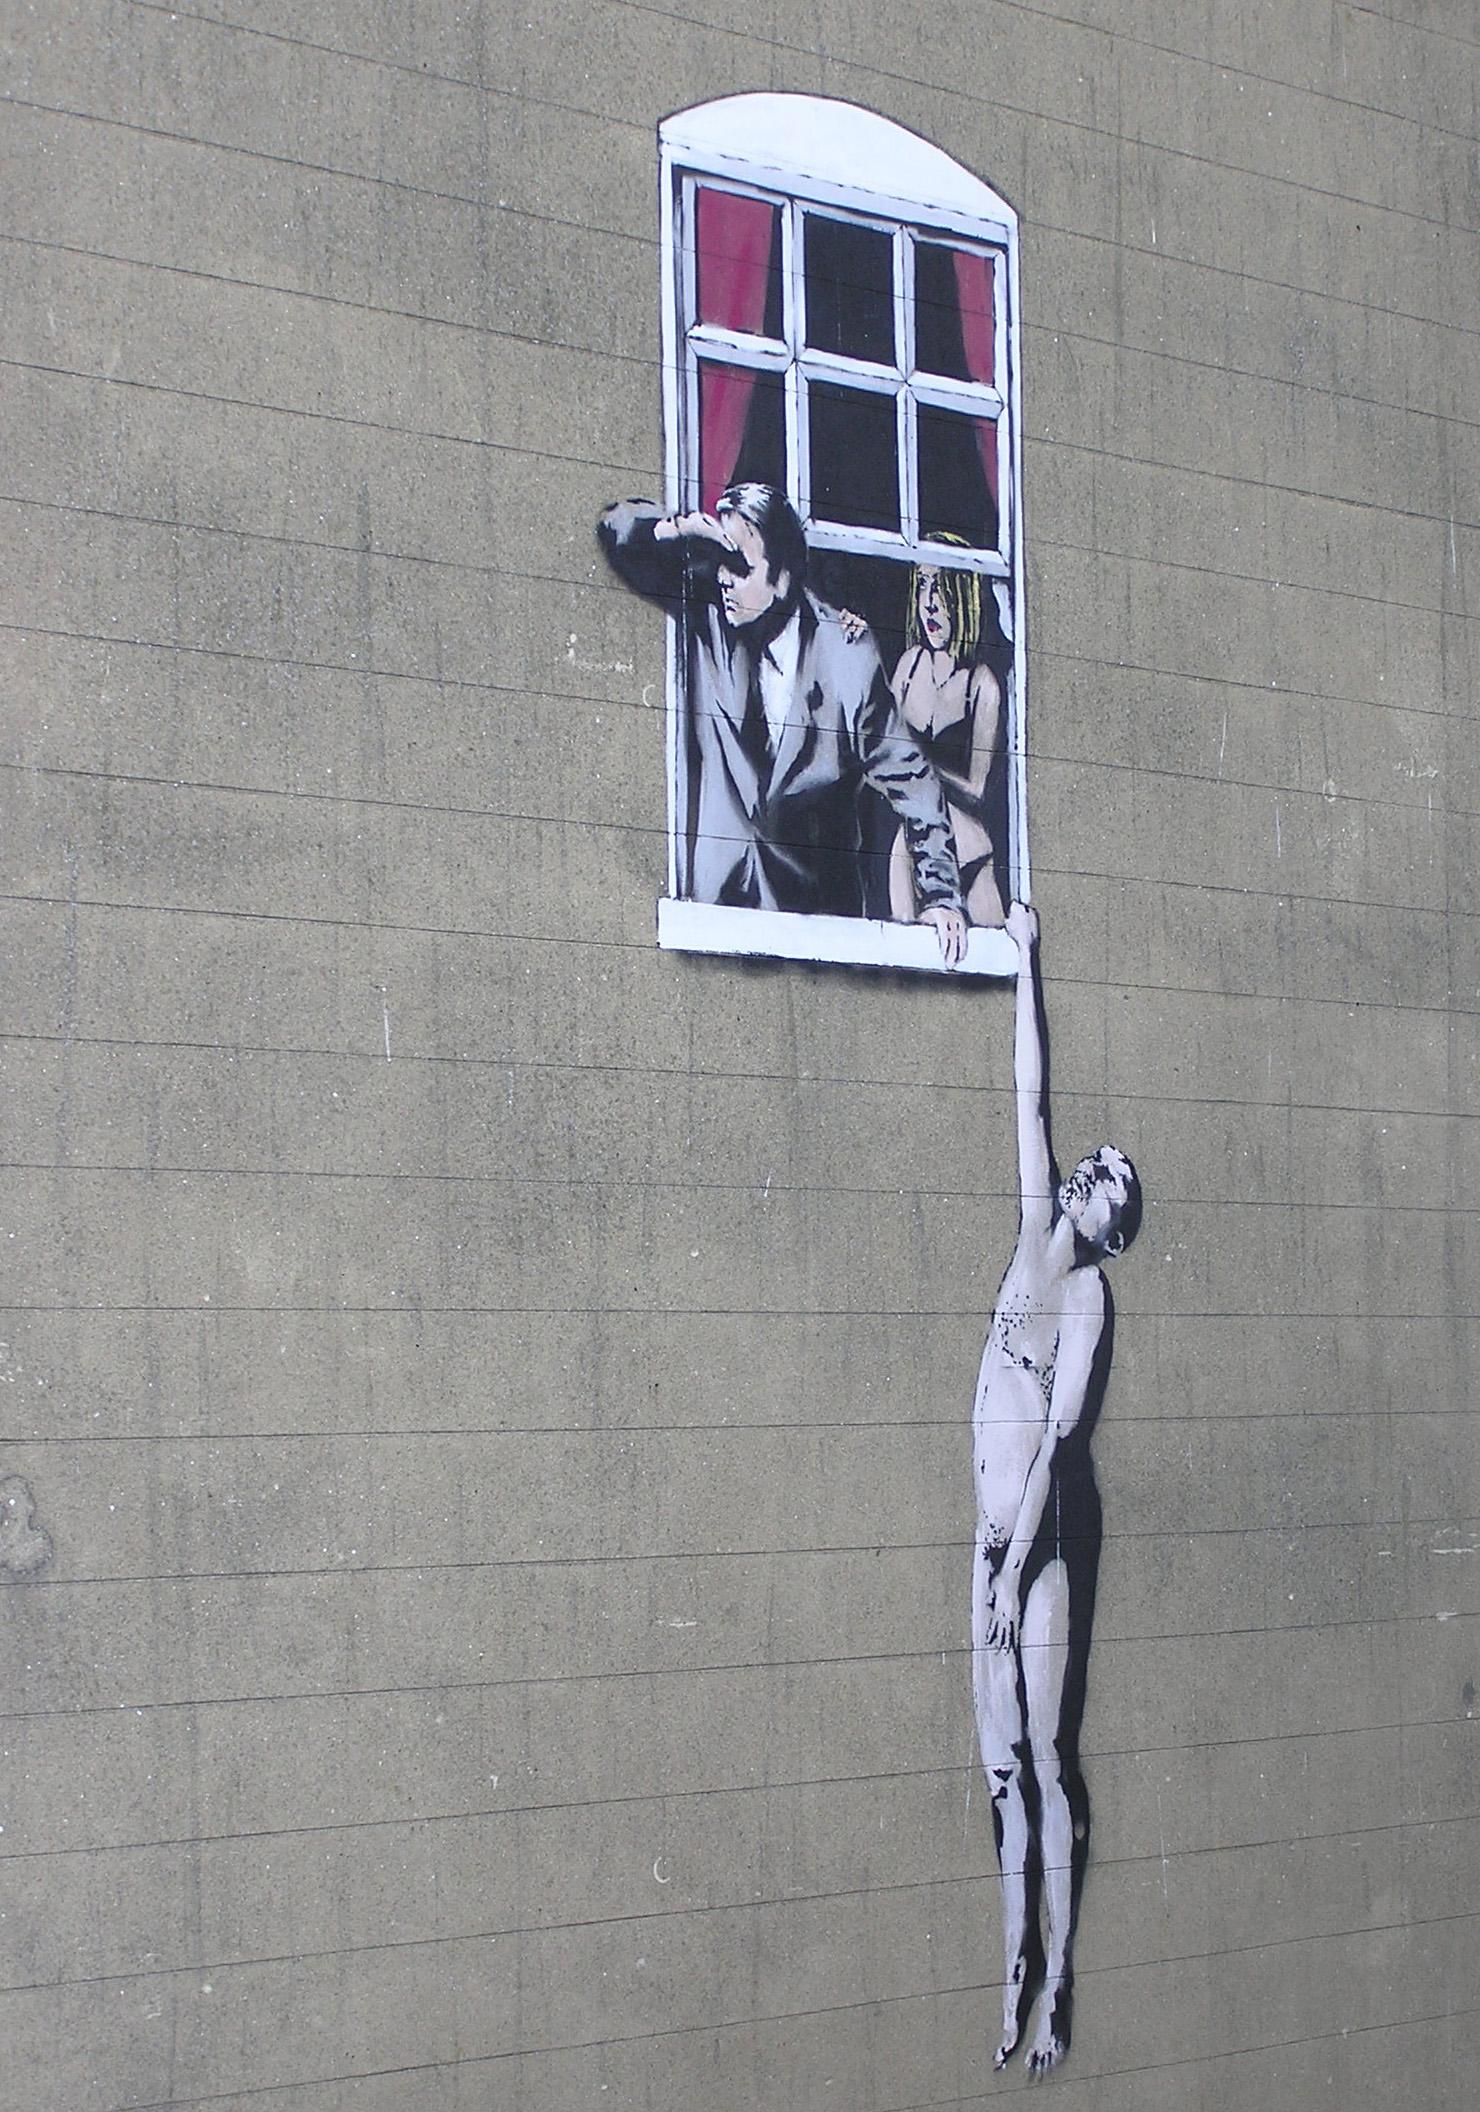 Banksy el artista de lo urbano documentaci n for Immagini di murales e graffiti